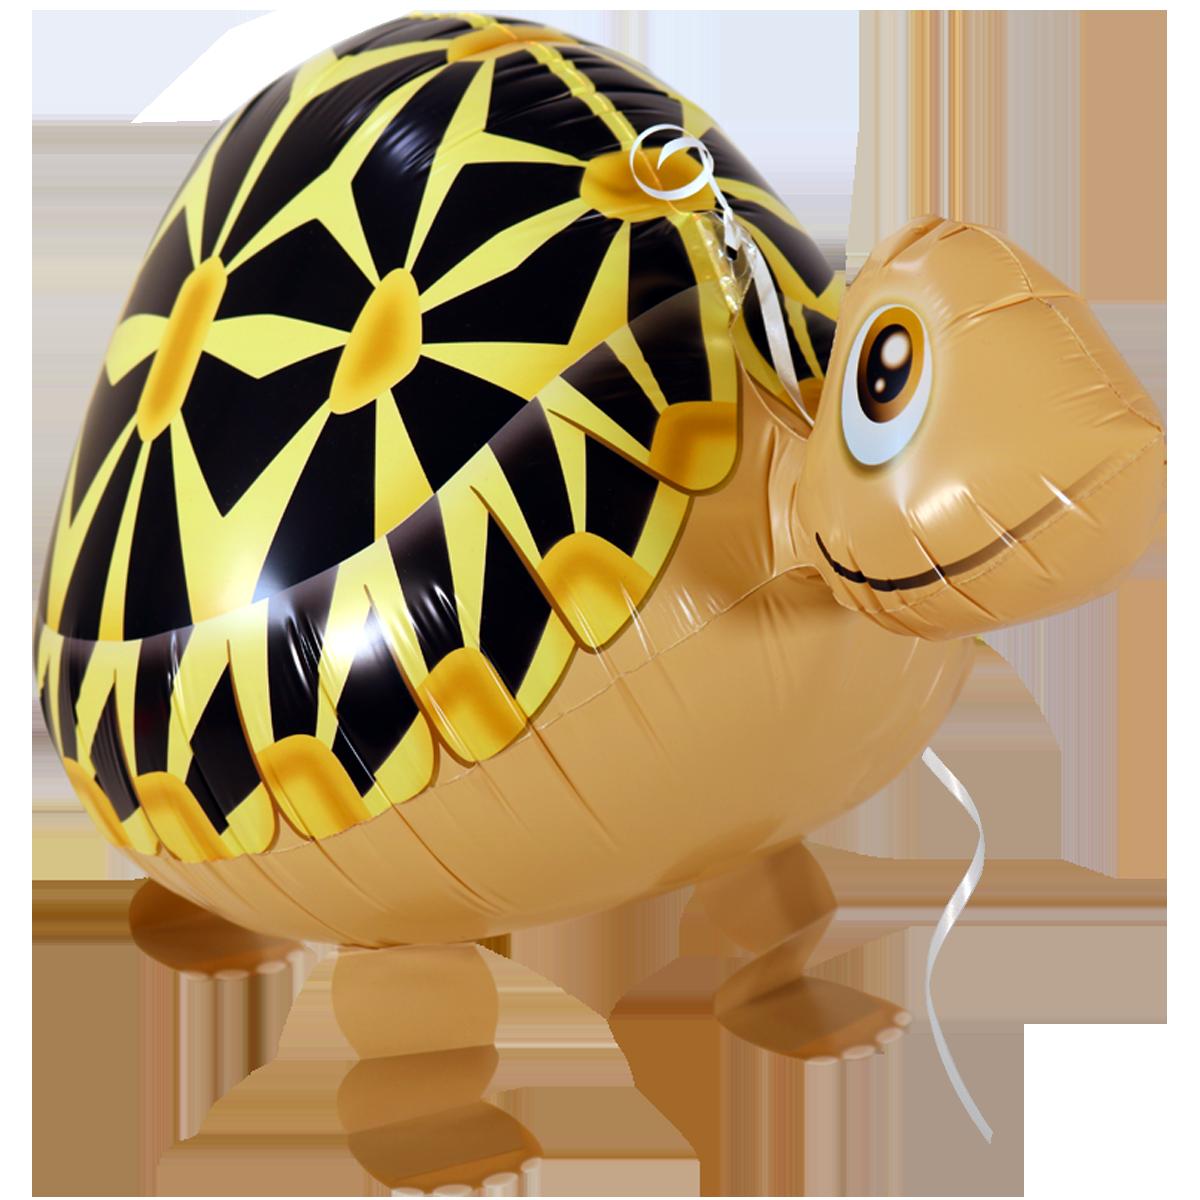 10x Folienballon Schildkröte Tier Laufend Heliumballon Kindergeburtstag